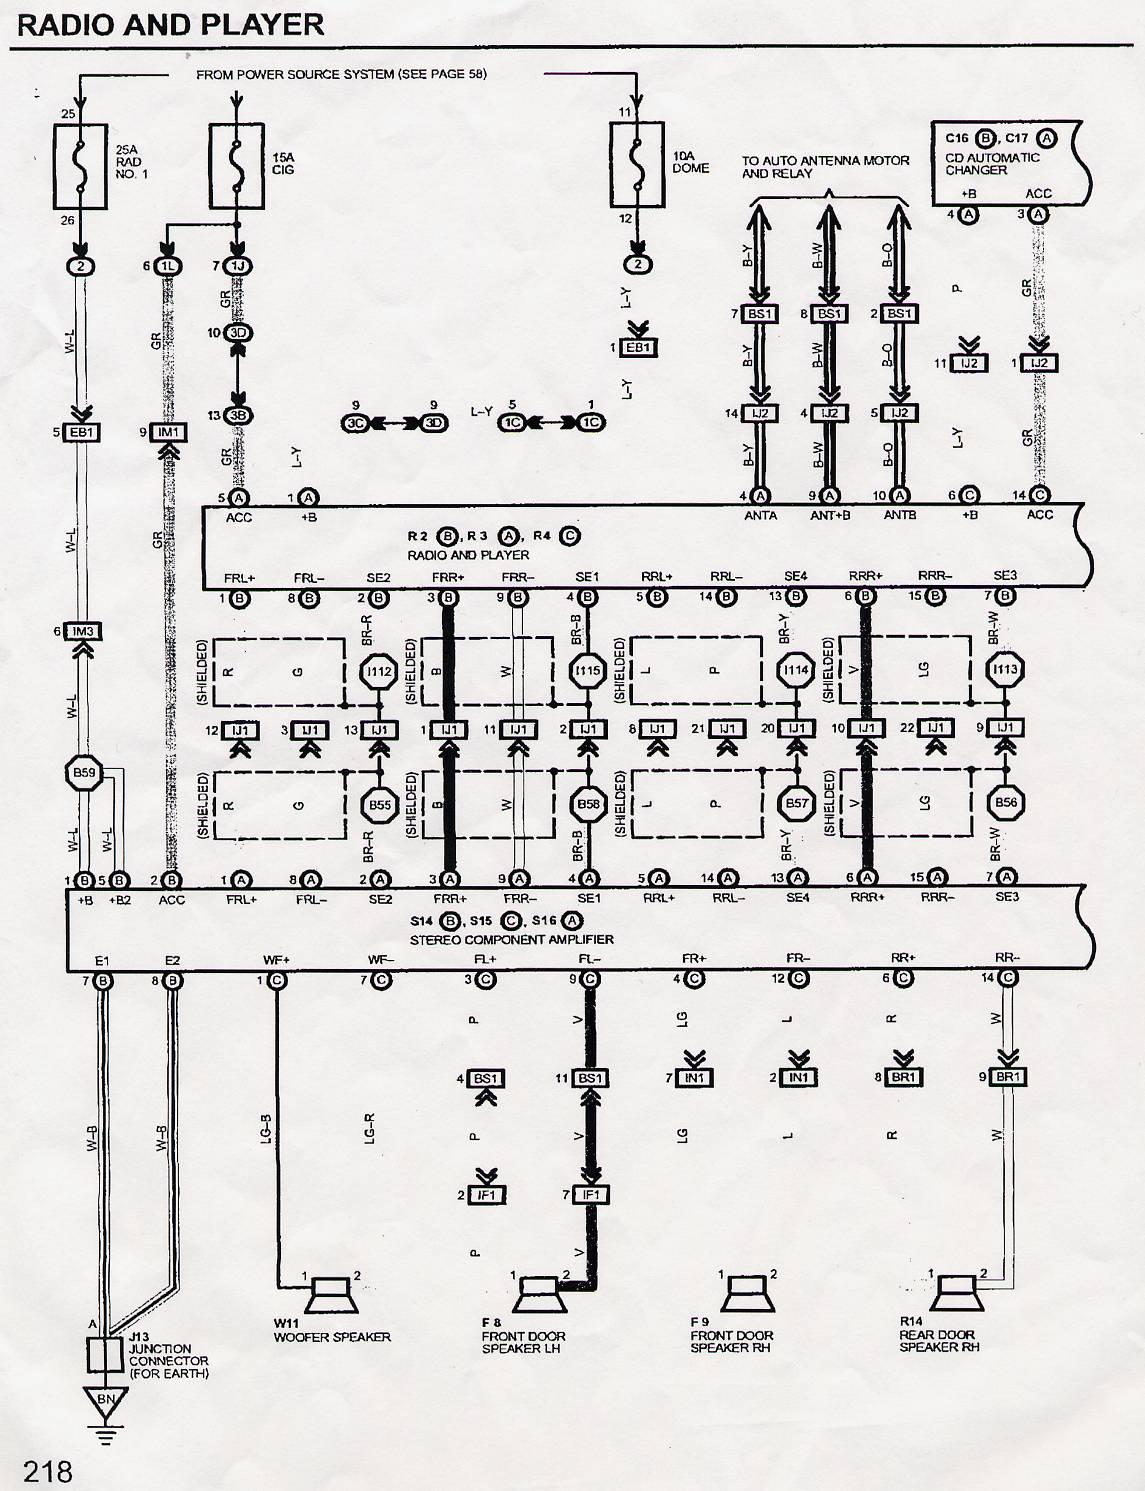 dodge challenger amp wiring diagram dodge 340 v8 ignition wiring430n radio to amp wiring diagram wiring diagram todays challenger 430n rhb radio wiring 430n radio wiring diagram